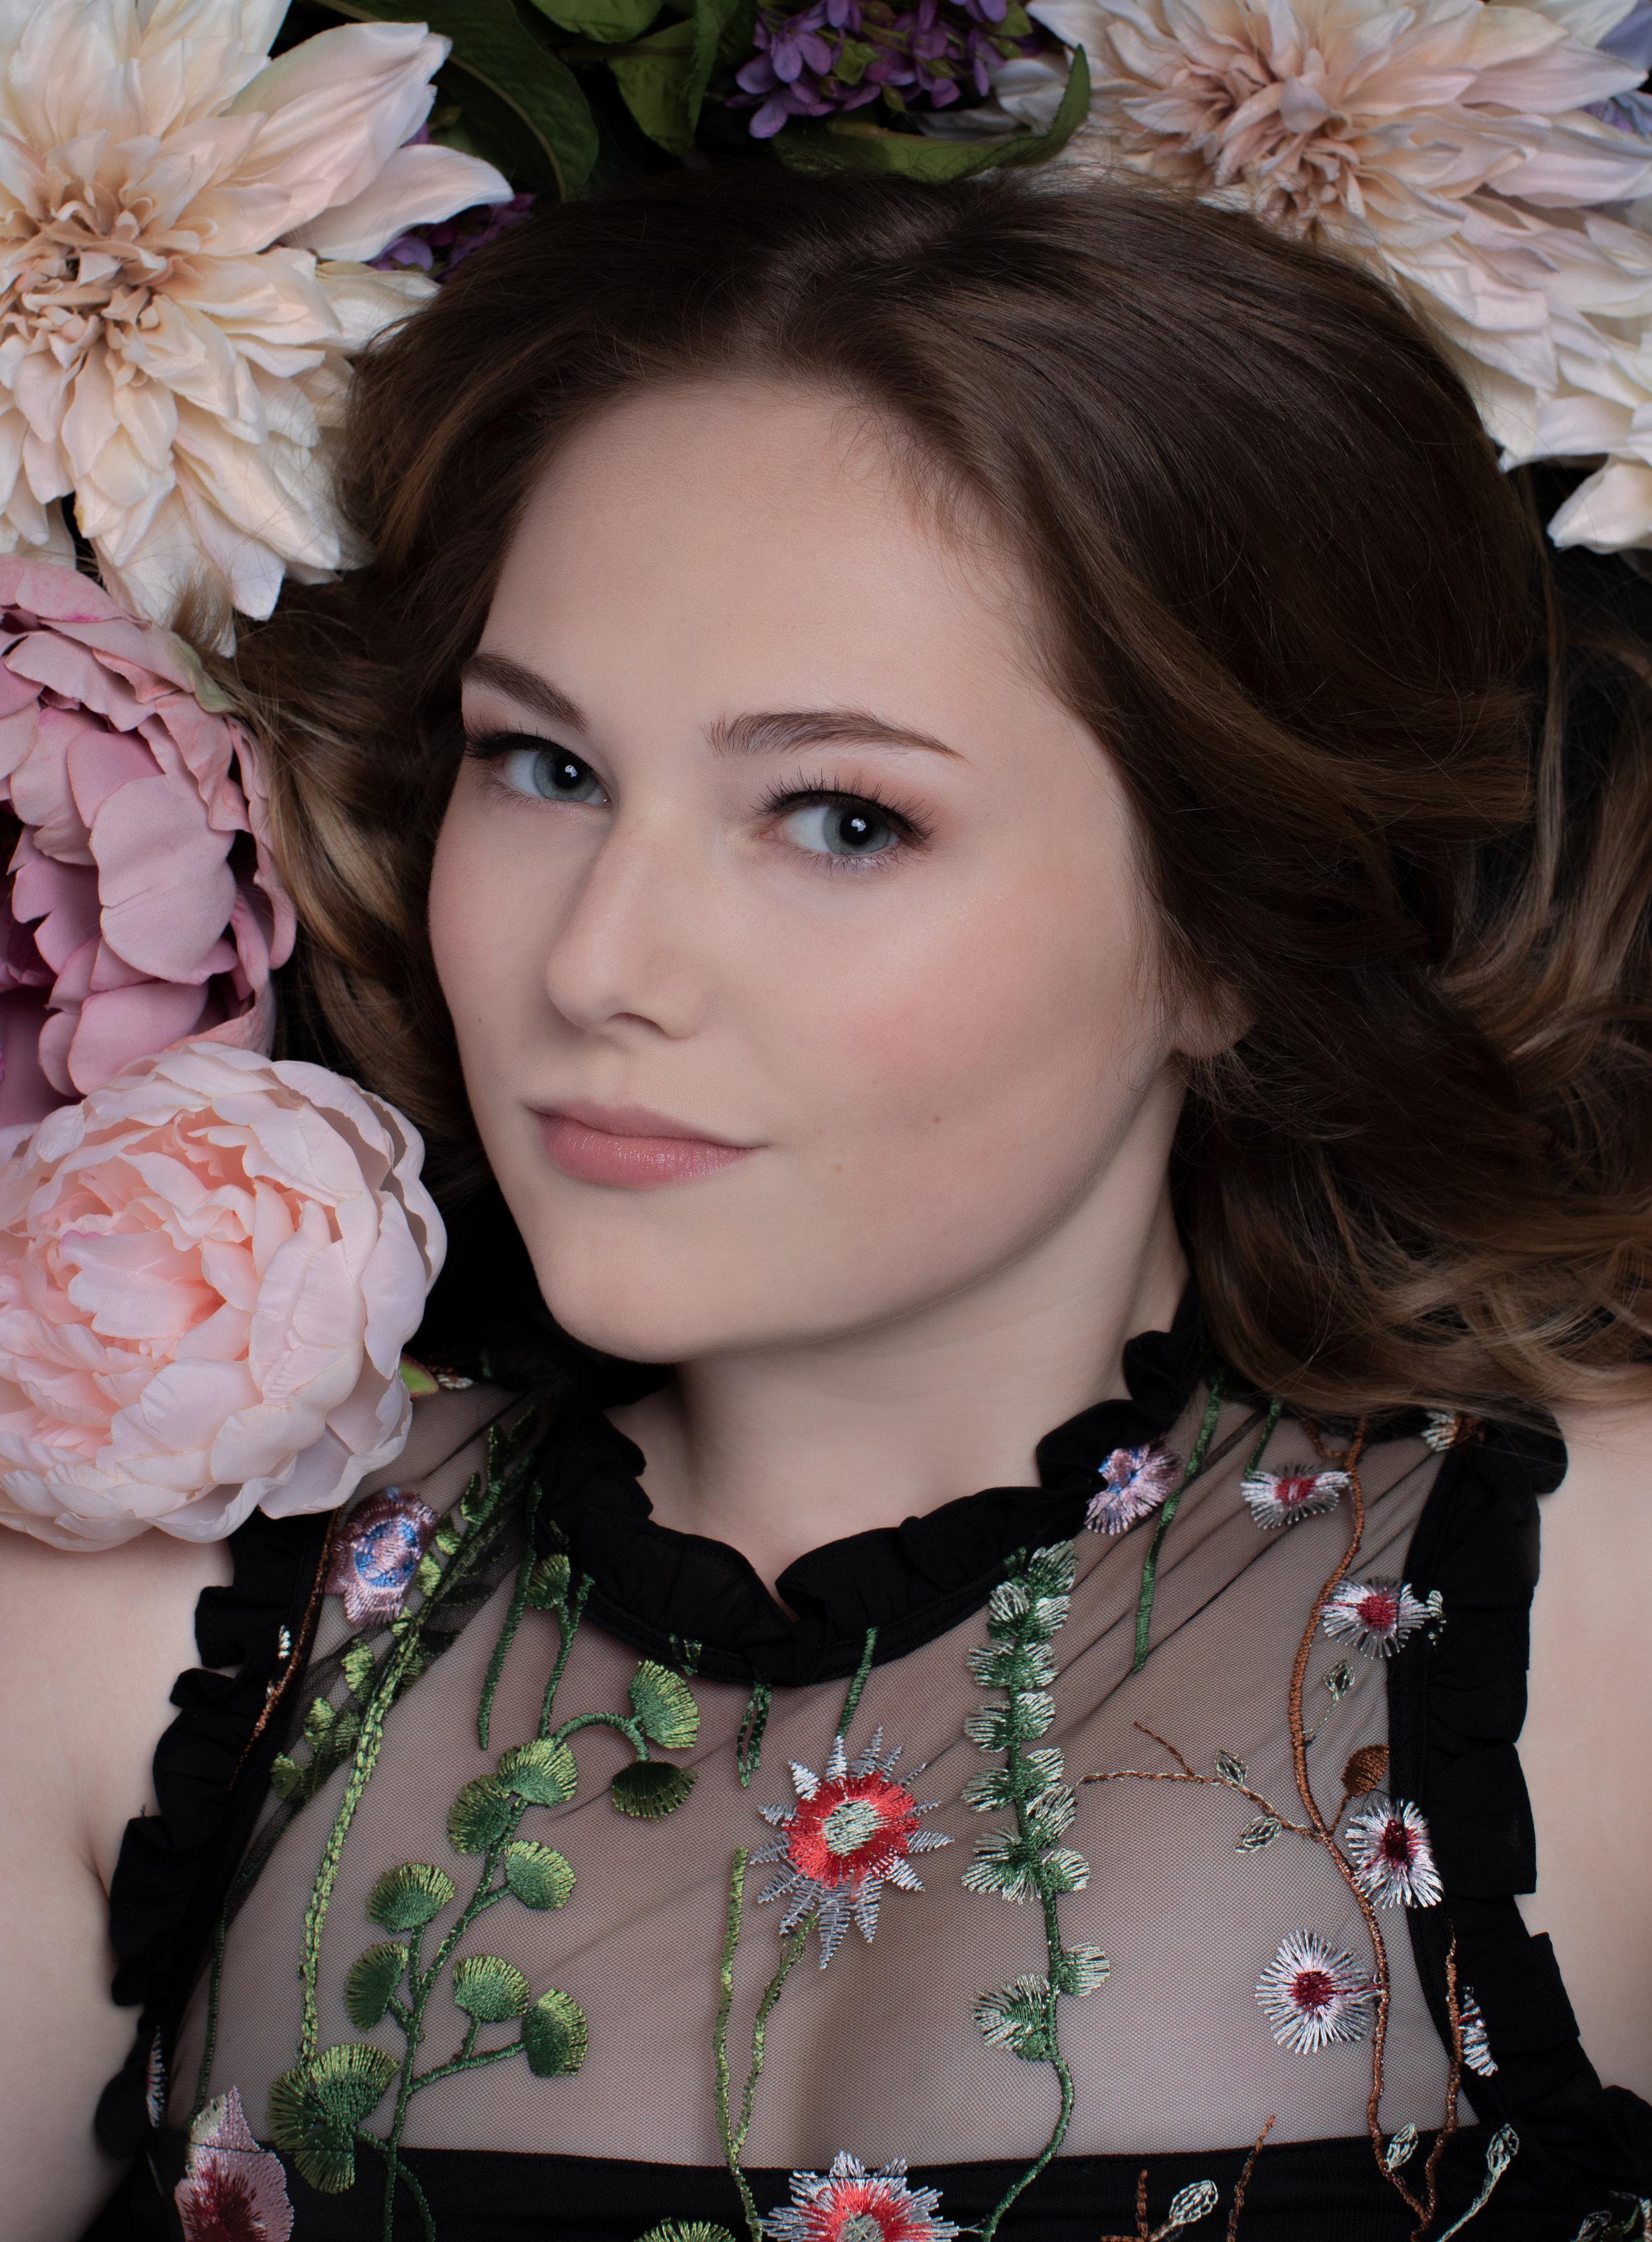 kathleen-barber-photography-senior-flowers